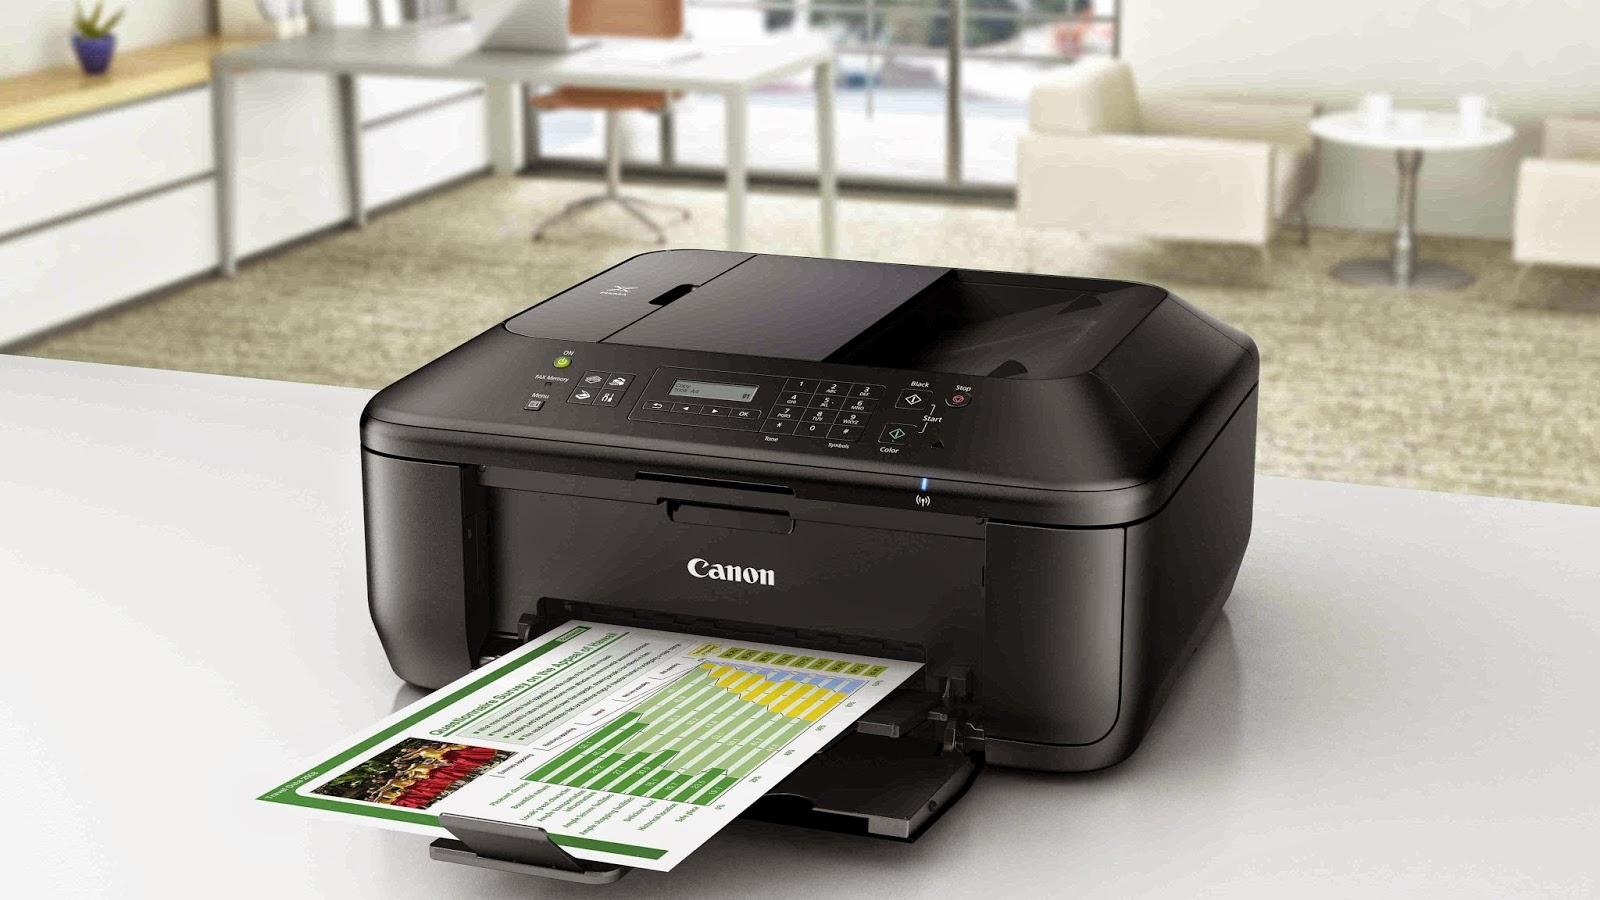 Canon Printer Driver For Windows 10 Mp495 Printer